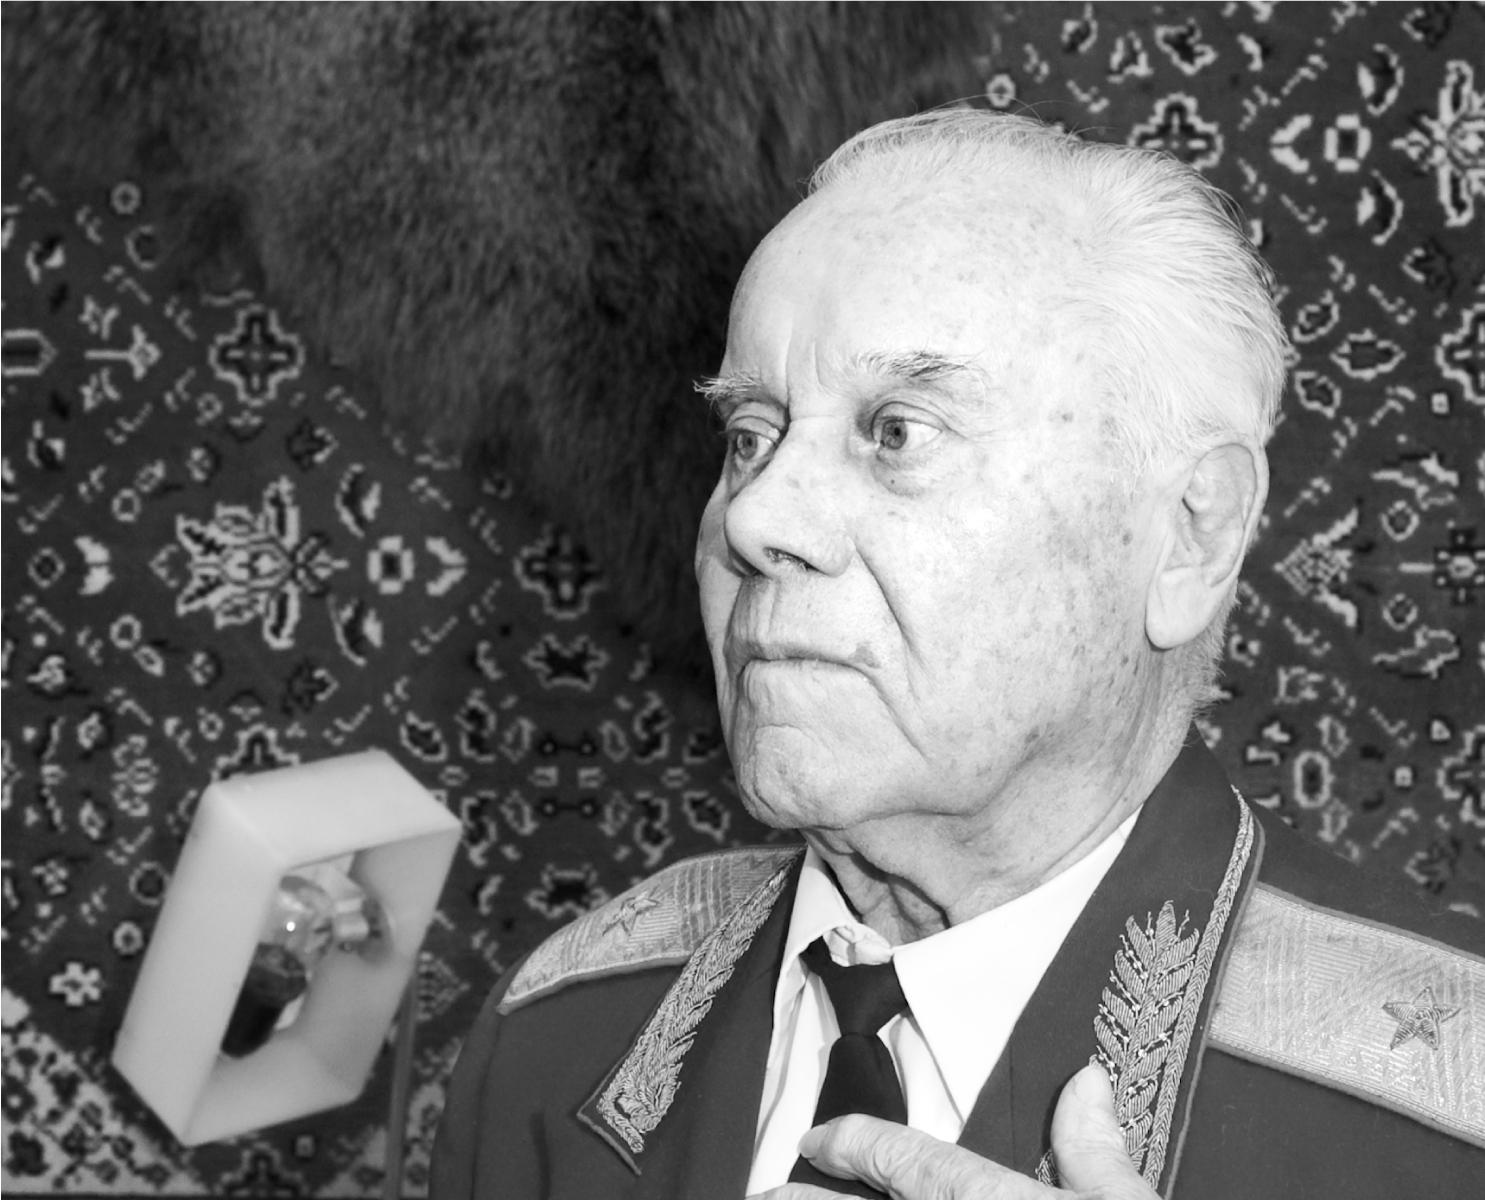 Grigory Afanasevich Zverev